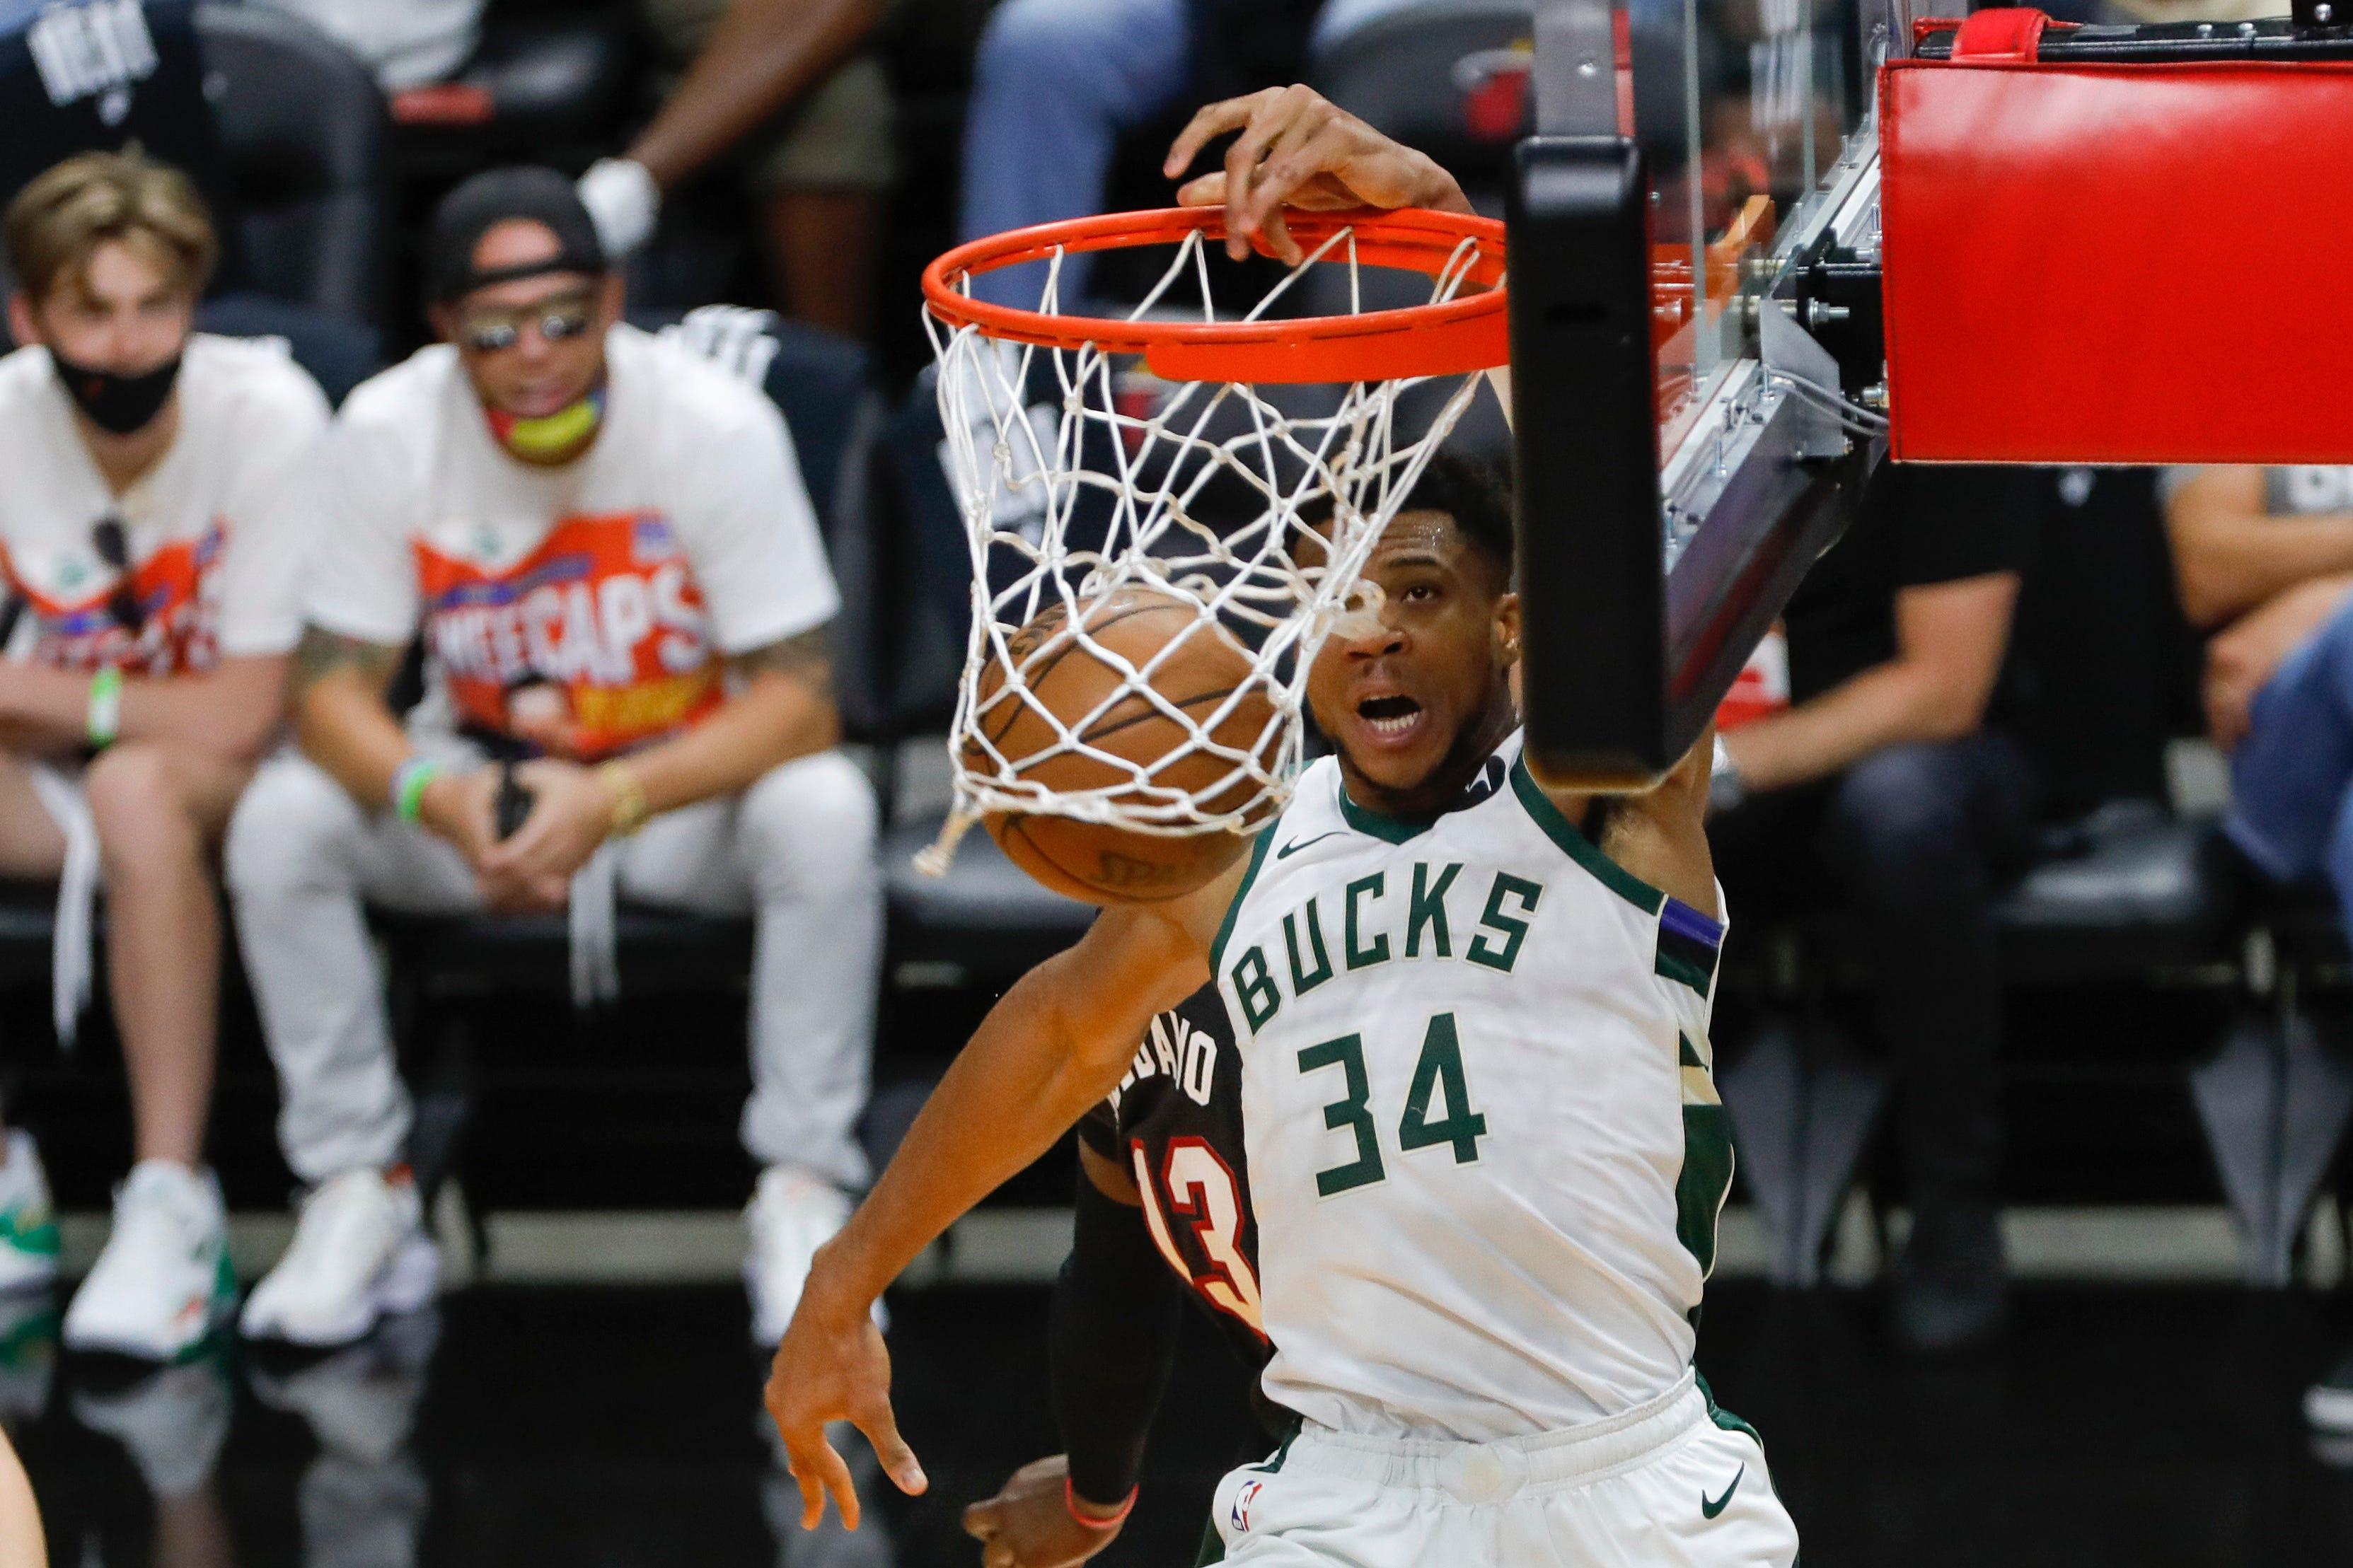 Milwaukee Bucks sweep Miami Heat to advance in NBA playoffs; Giannis Antetokounmpo posts triple-double